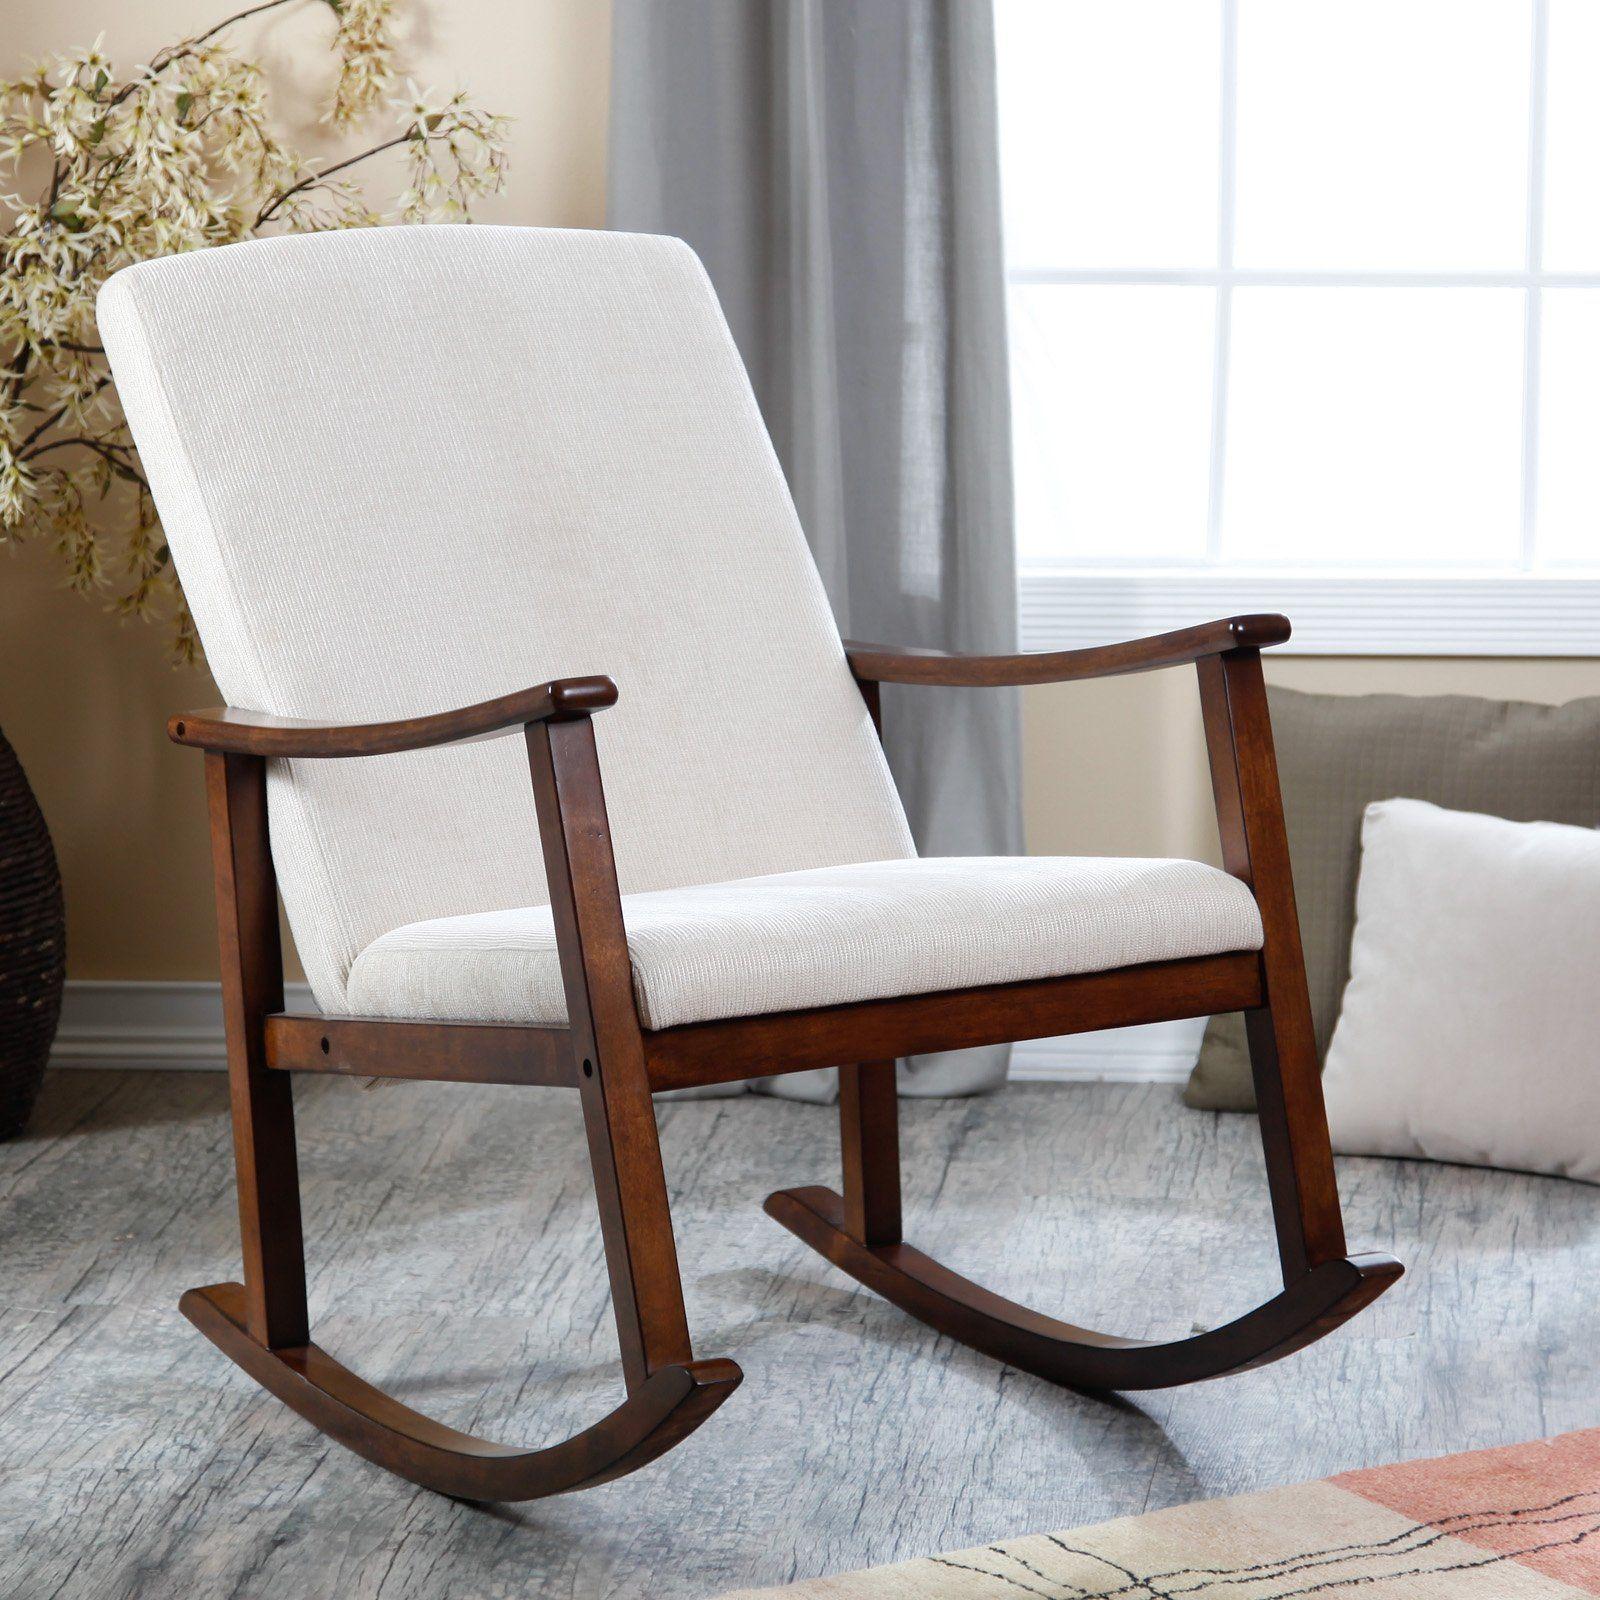 Belham Living Holden Modern Rocking Chair Upholstered Ivory 199 99 Hayneedle